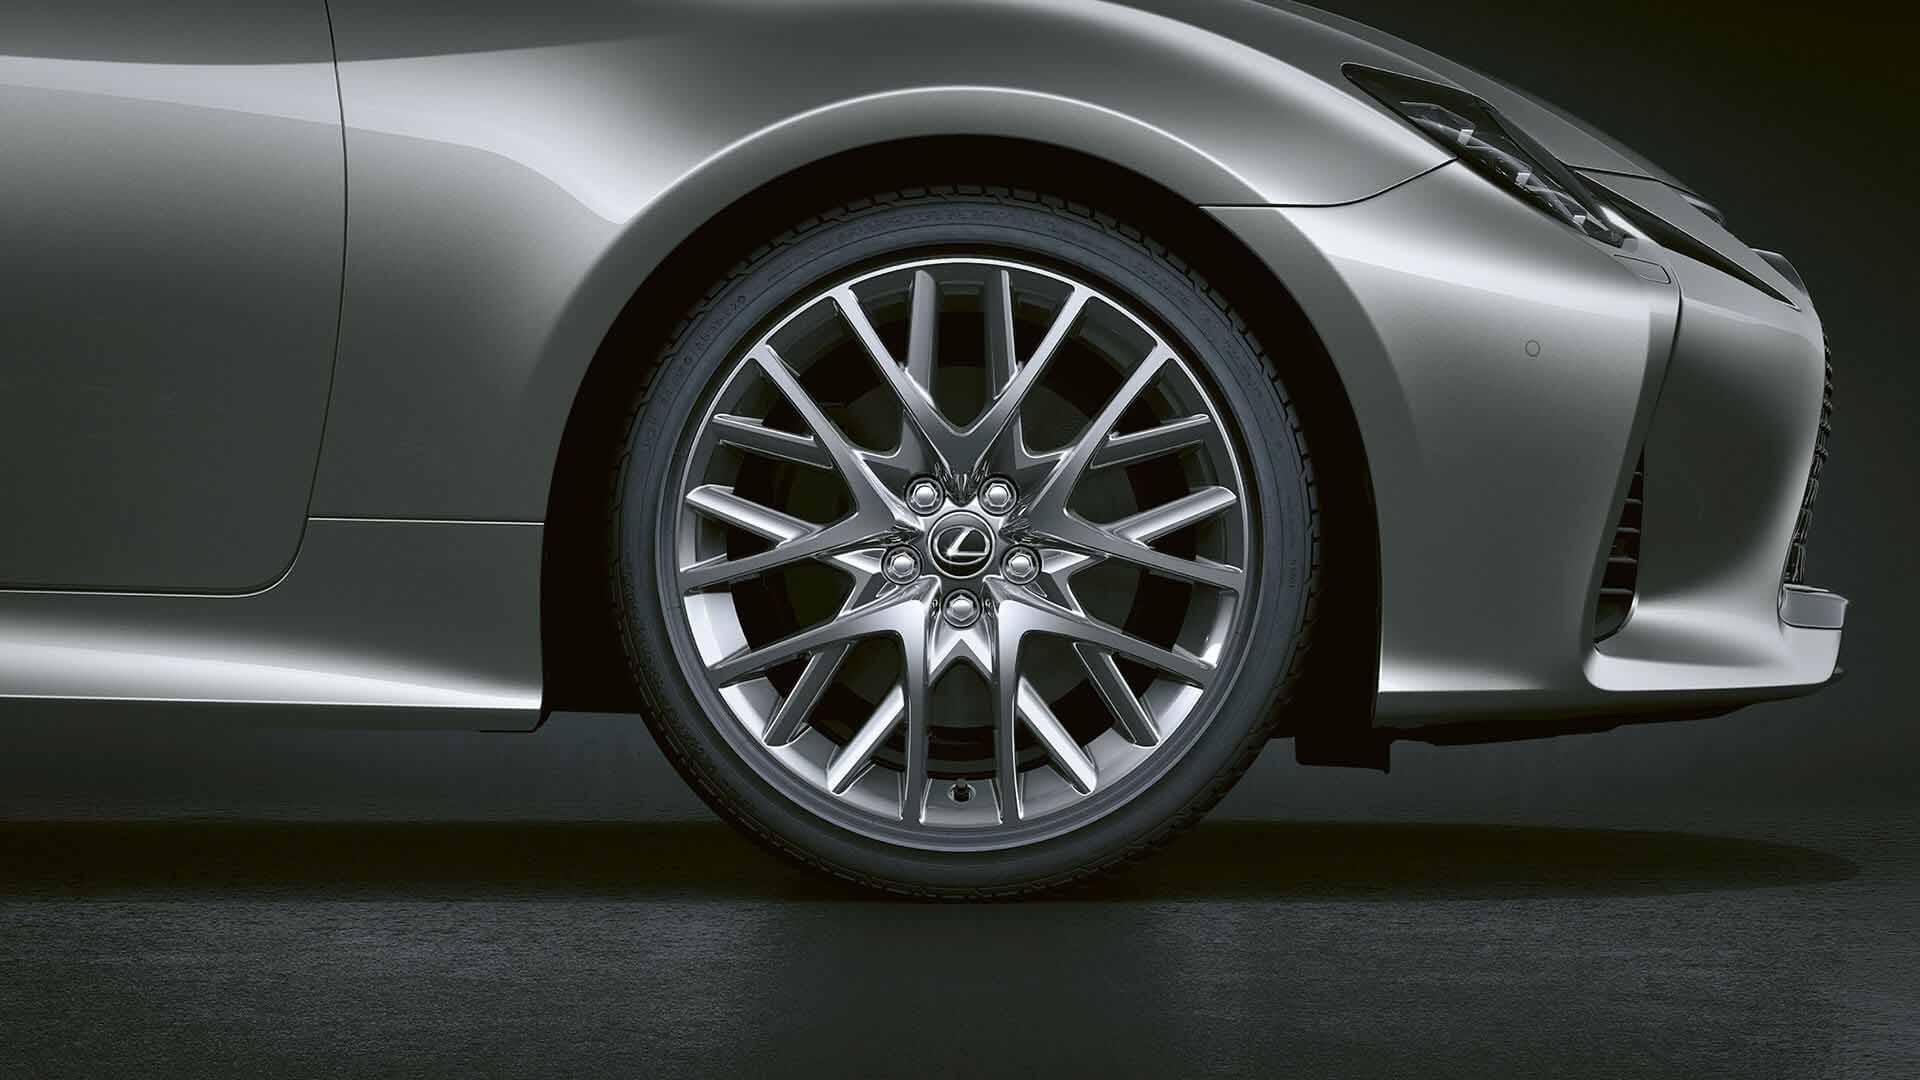 2018 lexus rc hotspot 18 19 inch alloy wheels